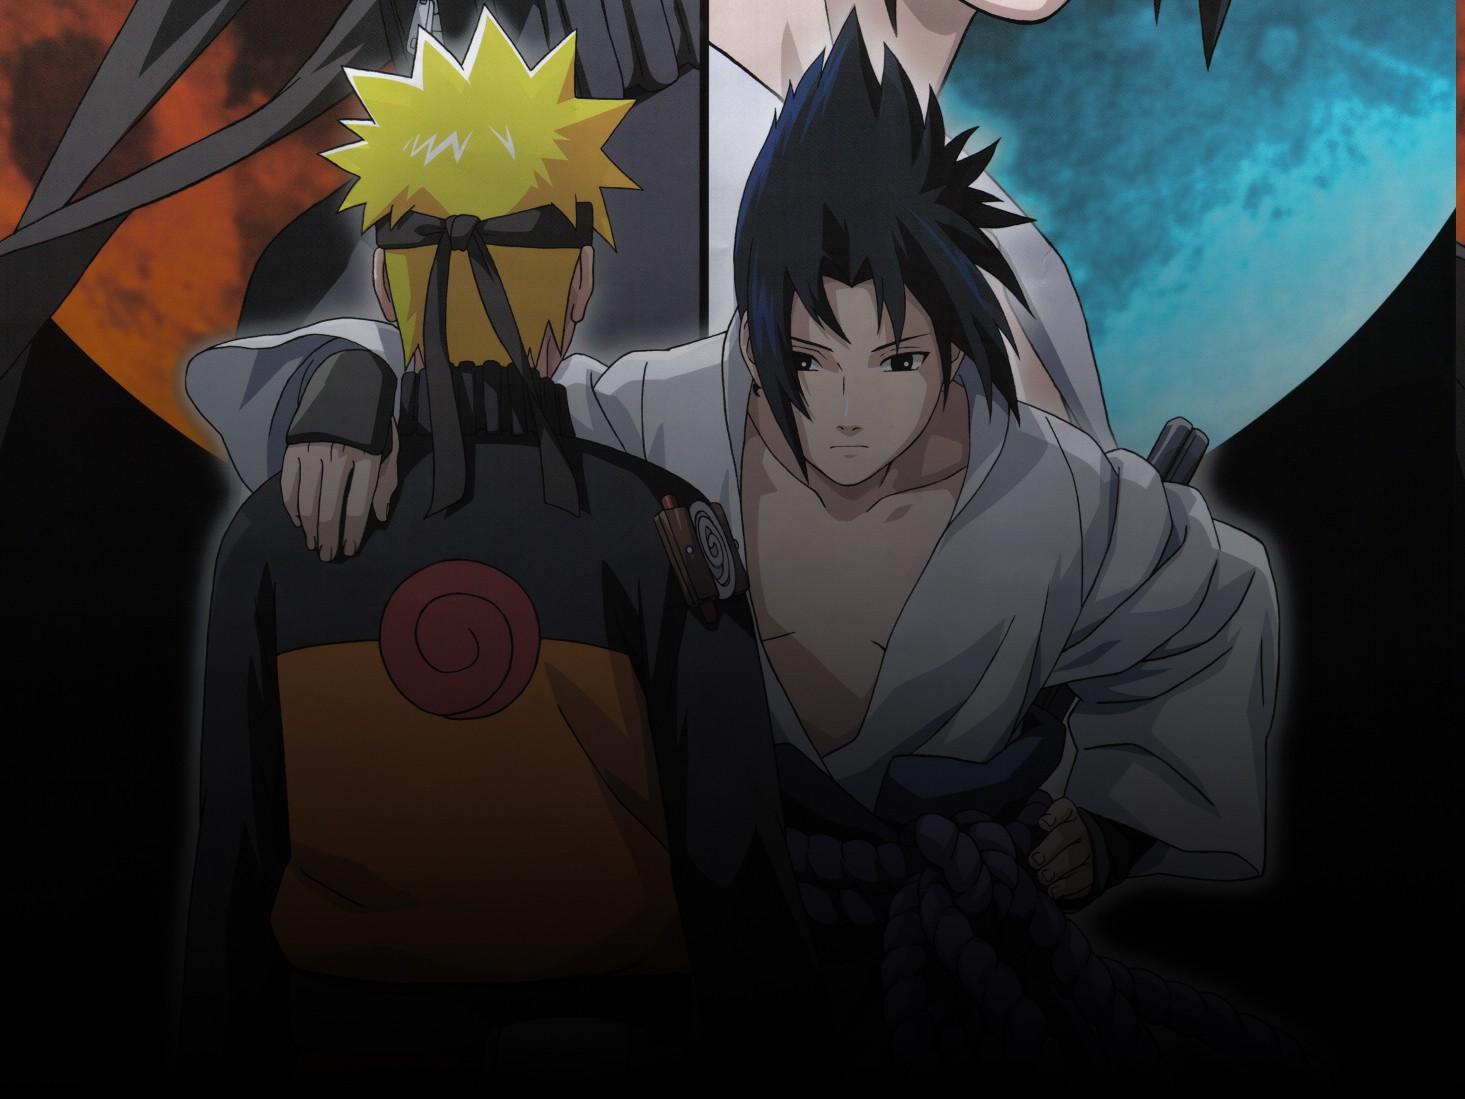 1465x1099 px Anime Boys Naruto Shippuuden Uchiha Sasuke Uzumaki Naruto 797385